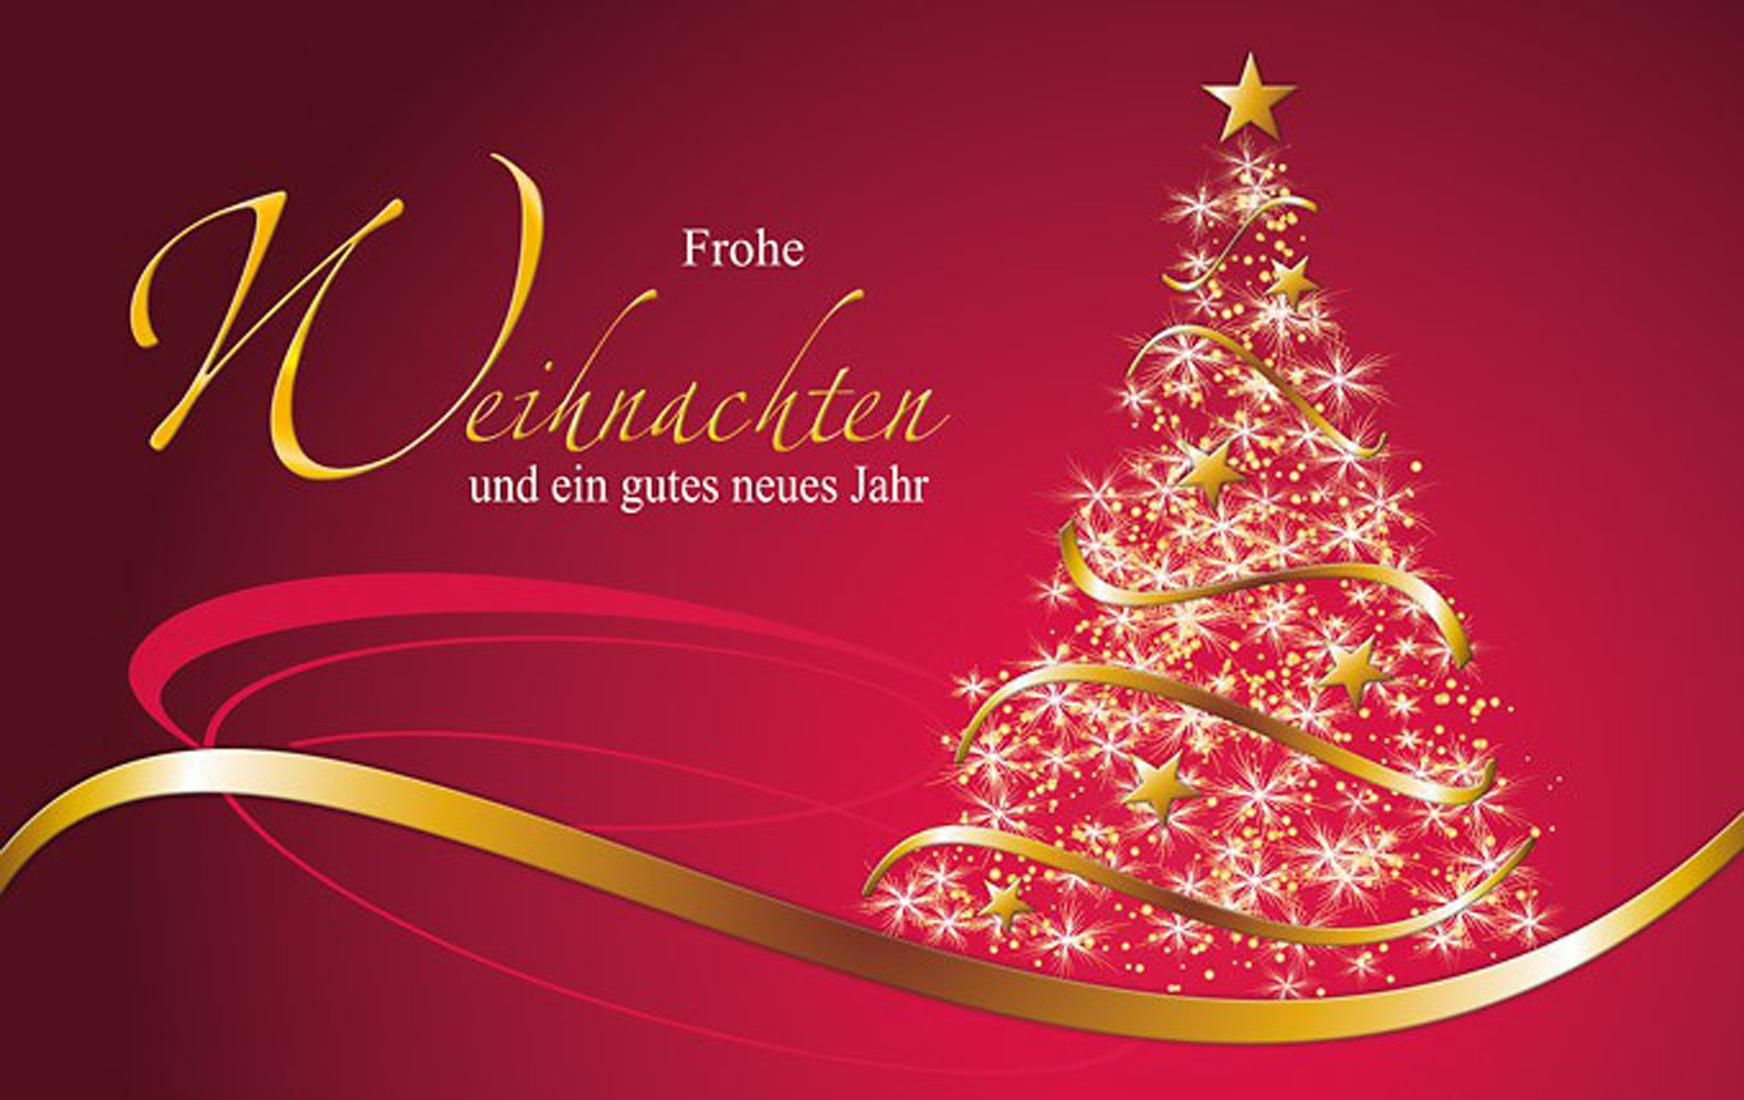 Grußkarte Weihnachten Lichterbaum